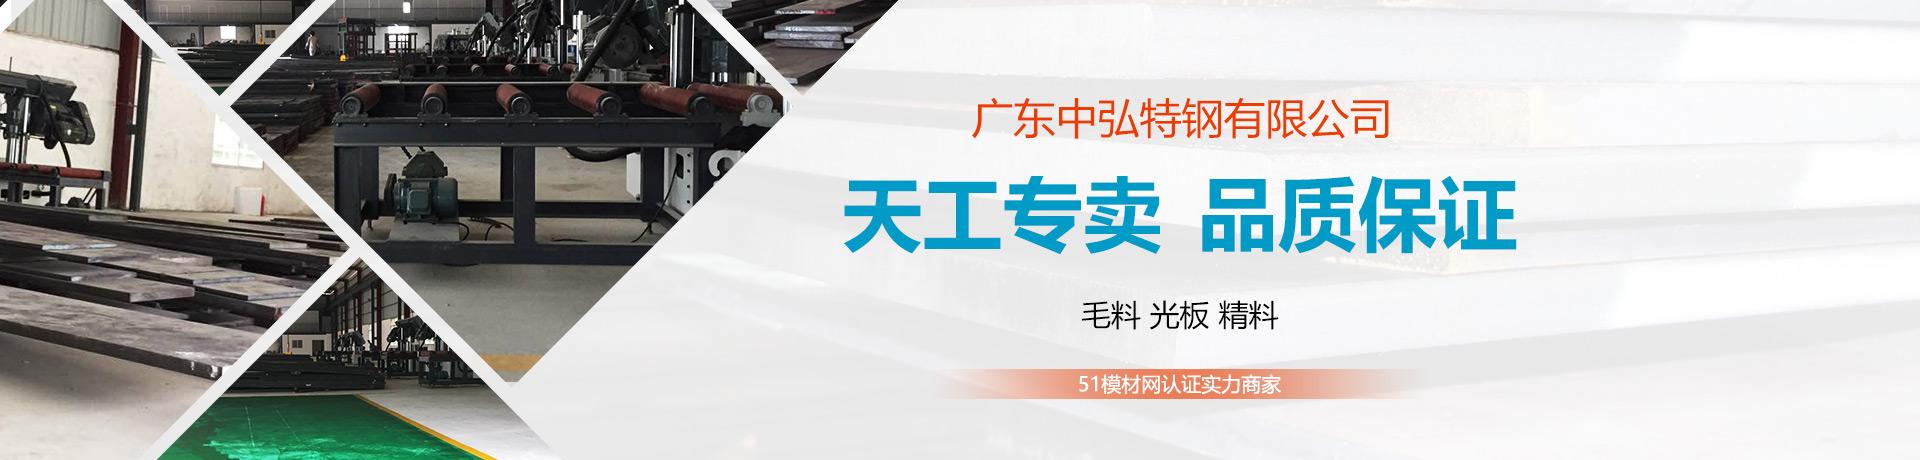 广东中弘特钢有限公司